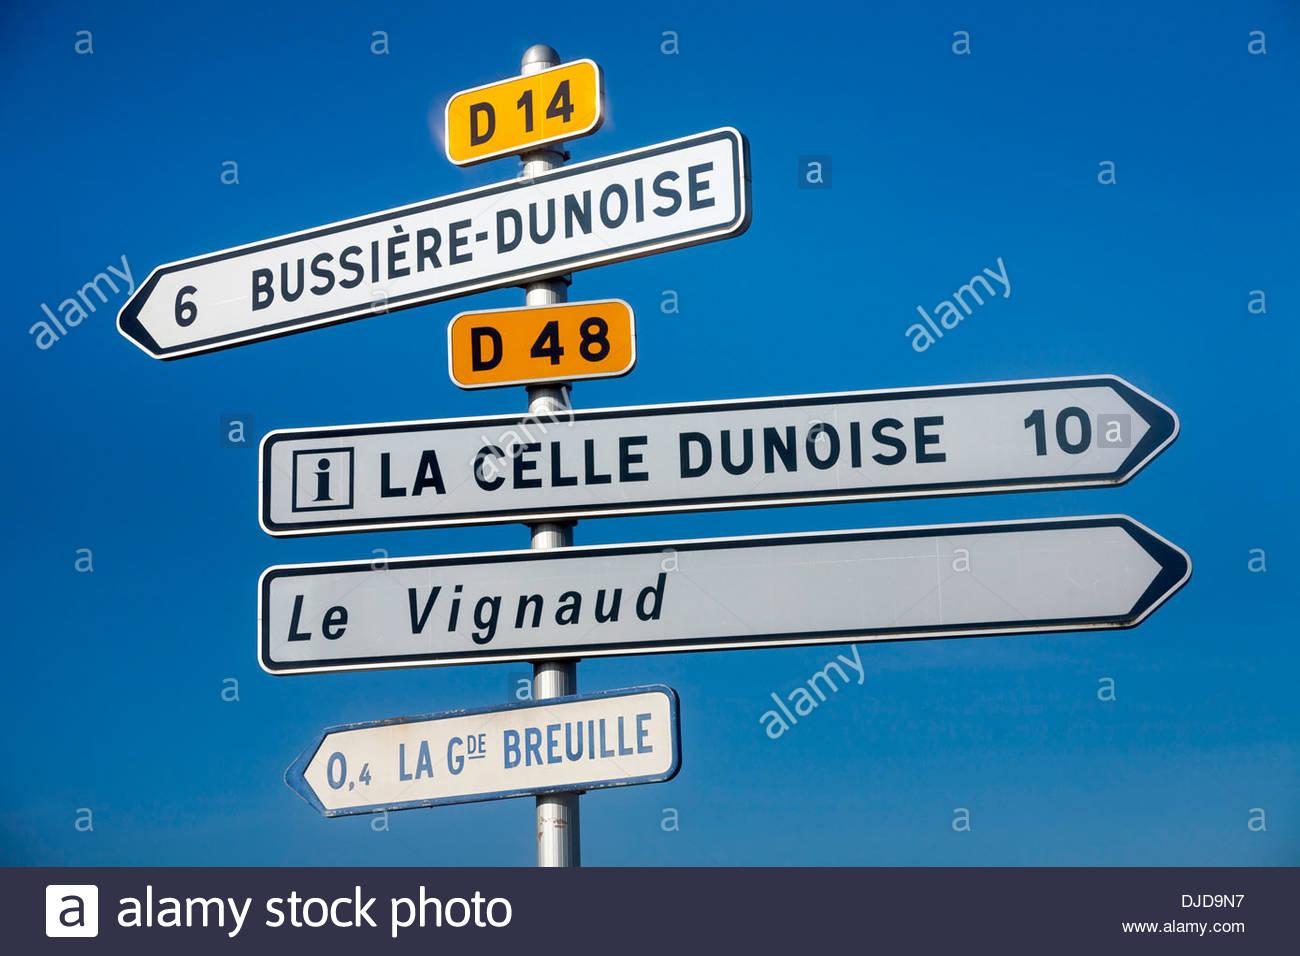 Französische Straße direktionale Verkehr Schilder, Anzême, Creuse Abteilung, Limousin, Frankreich Stockbild